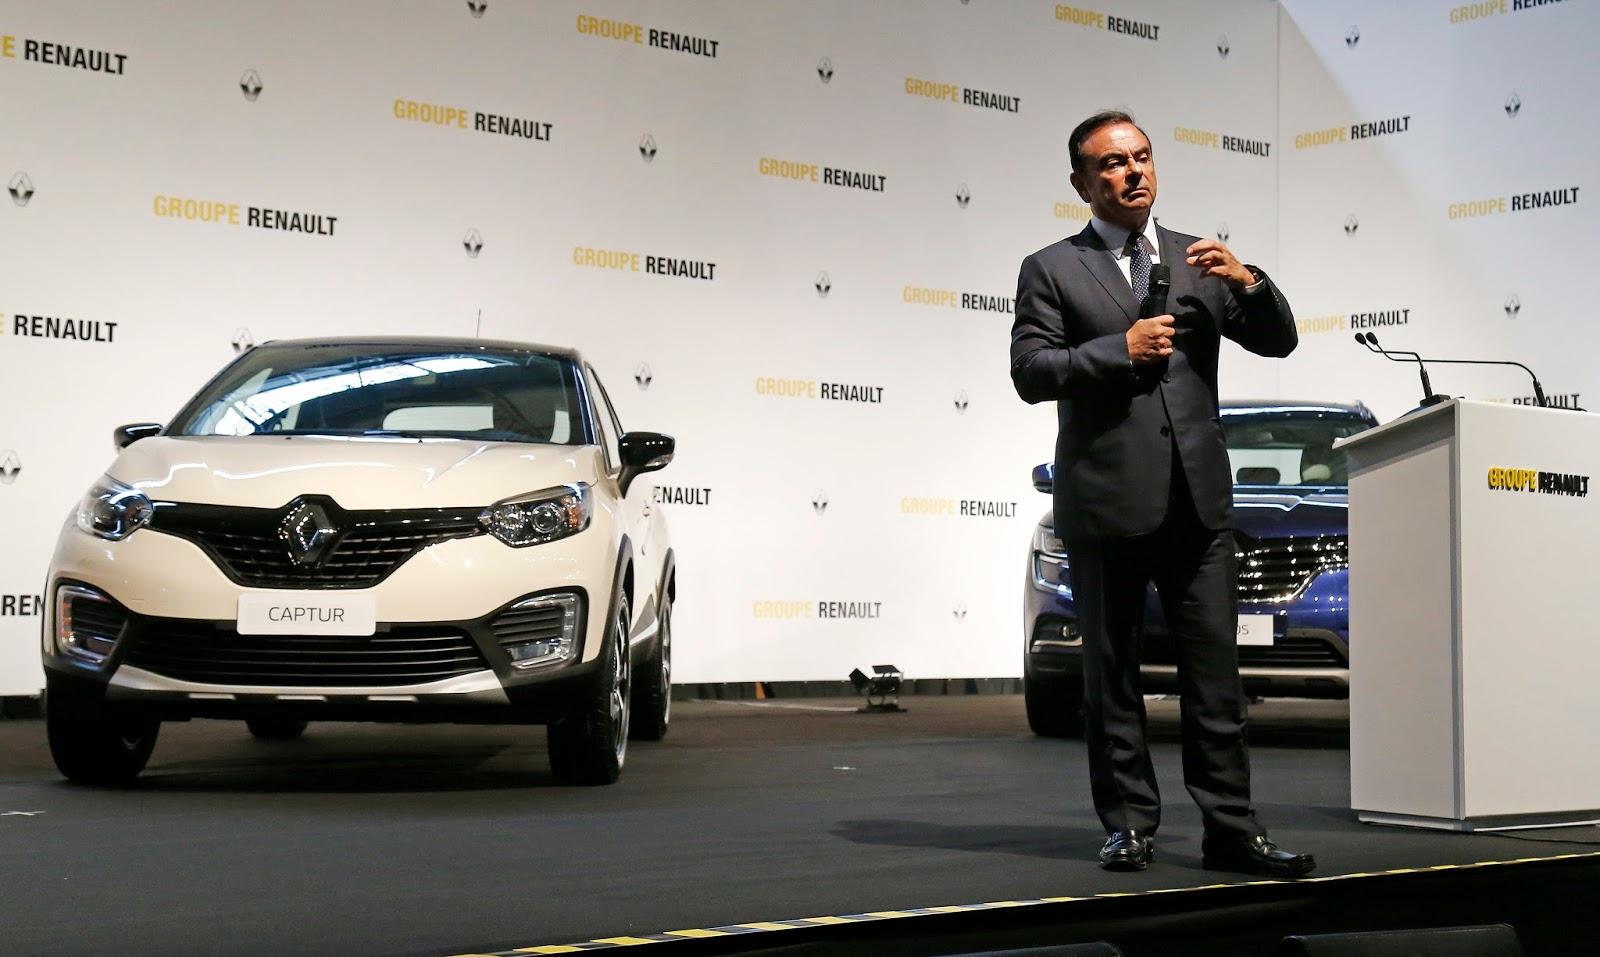 MaharPress: Nova linha de SUVs Renault no Brasil